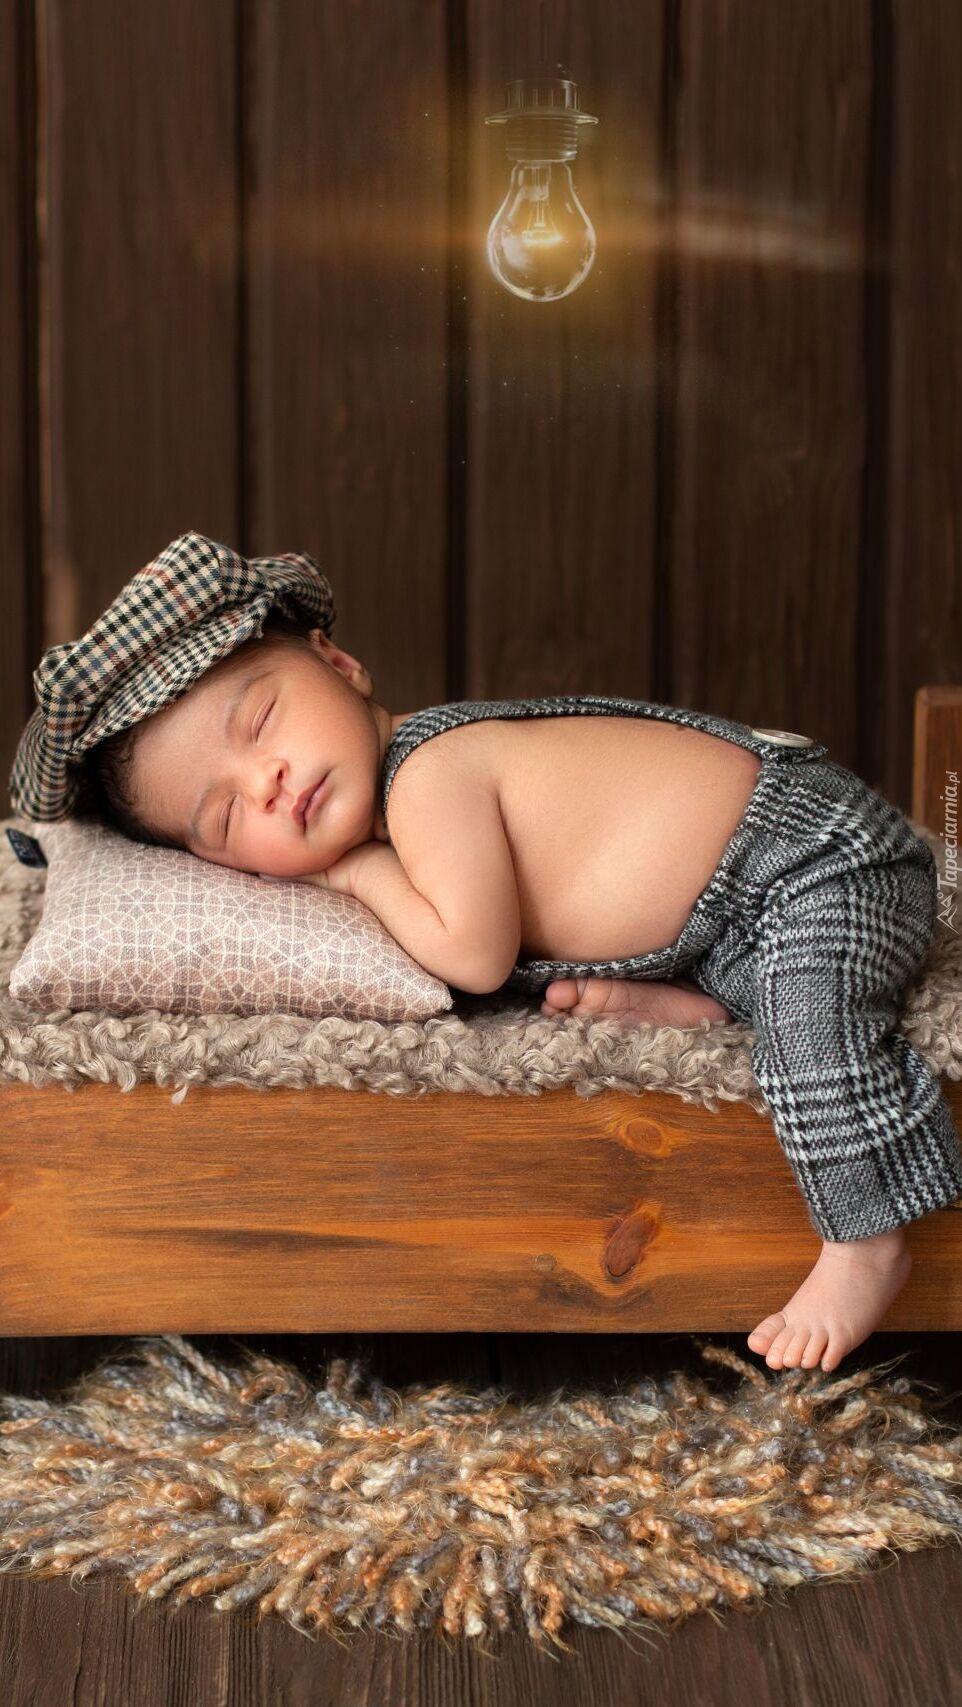 Śpiące niemowlę w łóżeczku